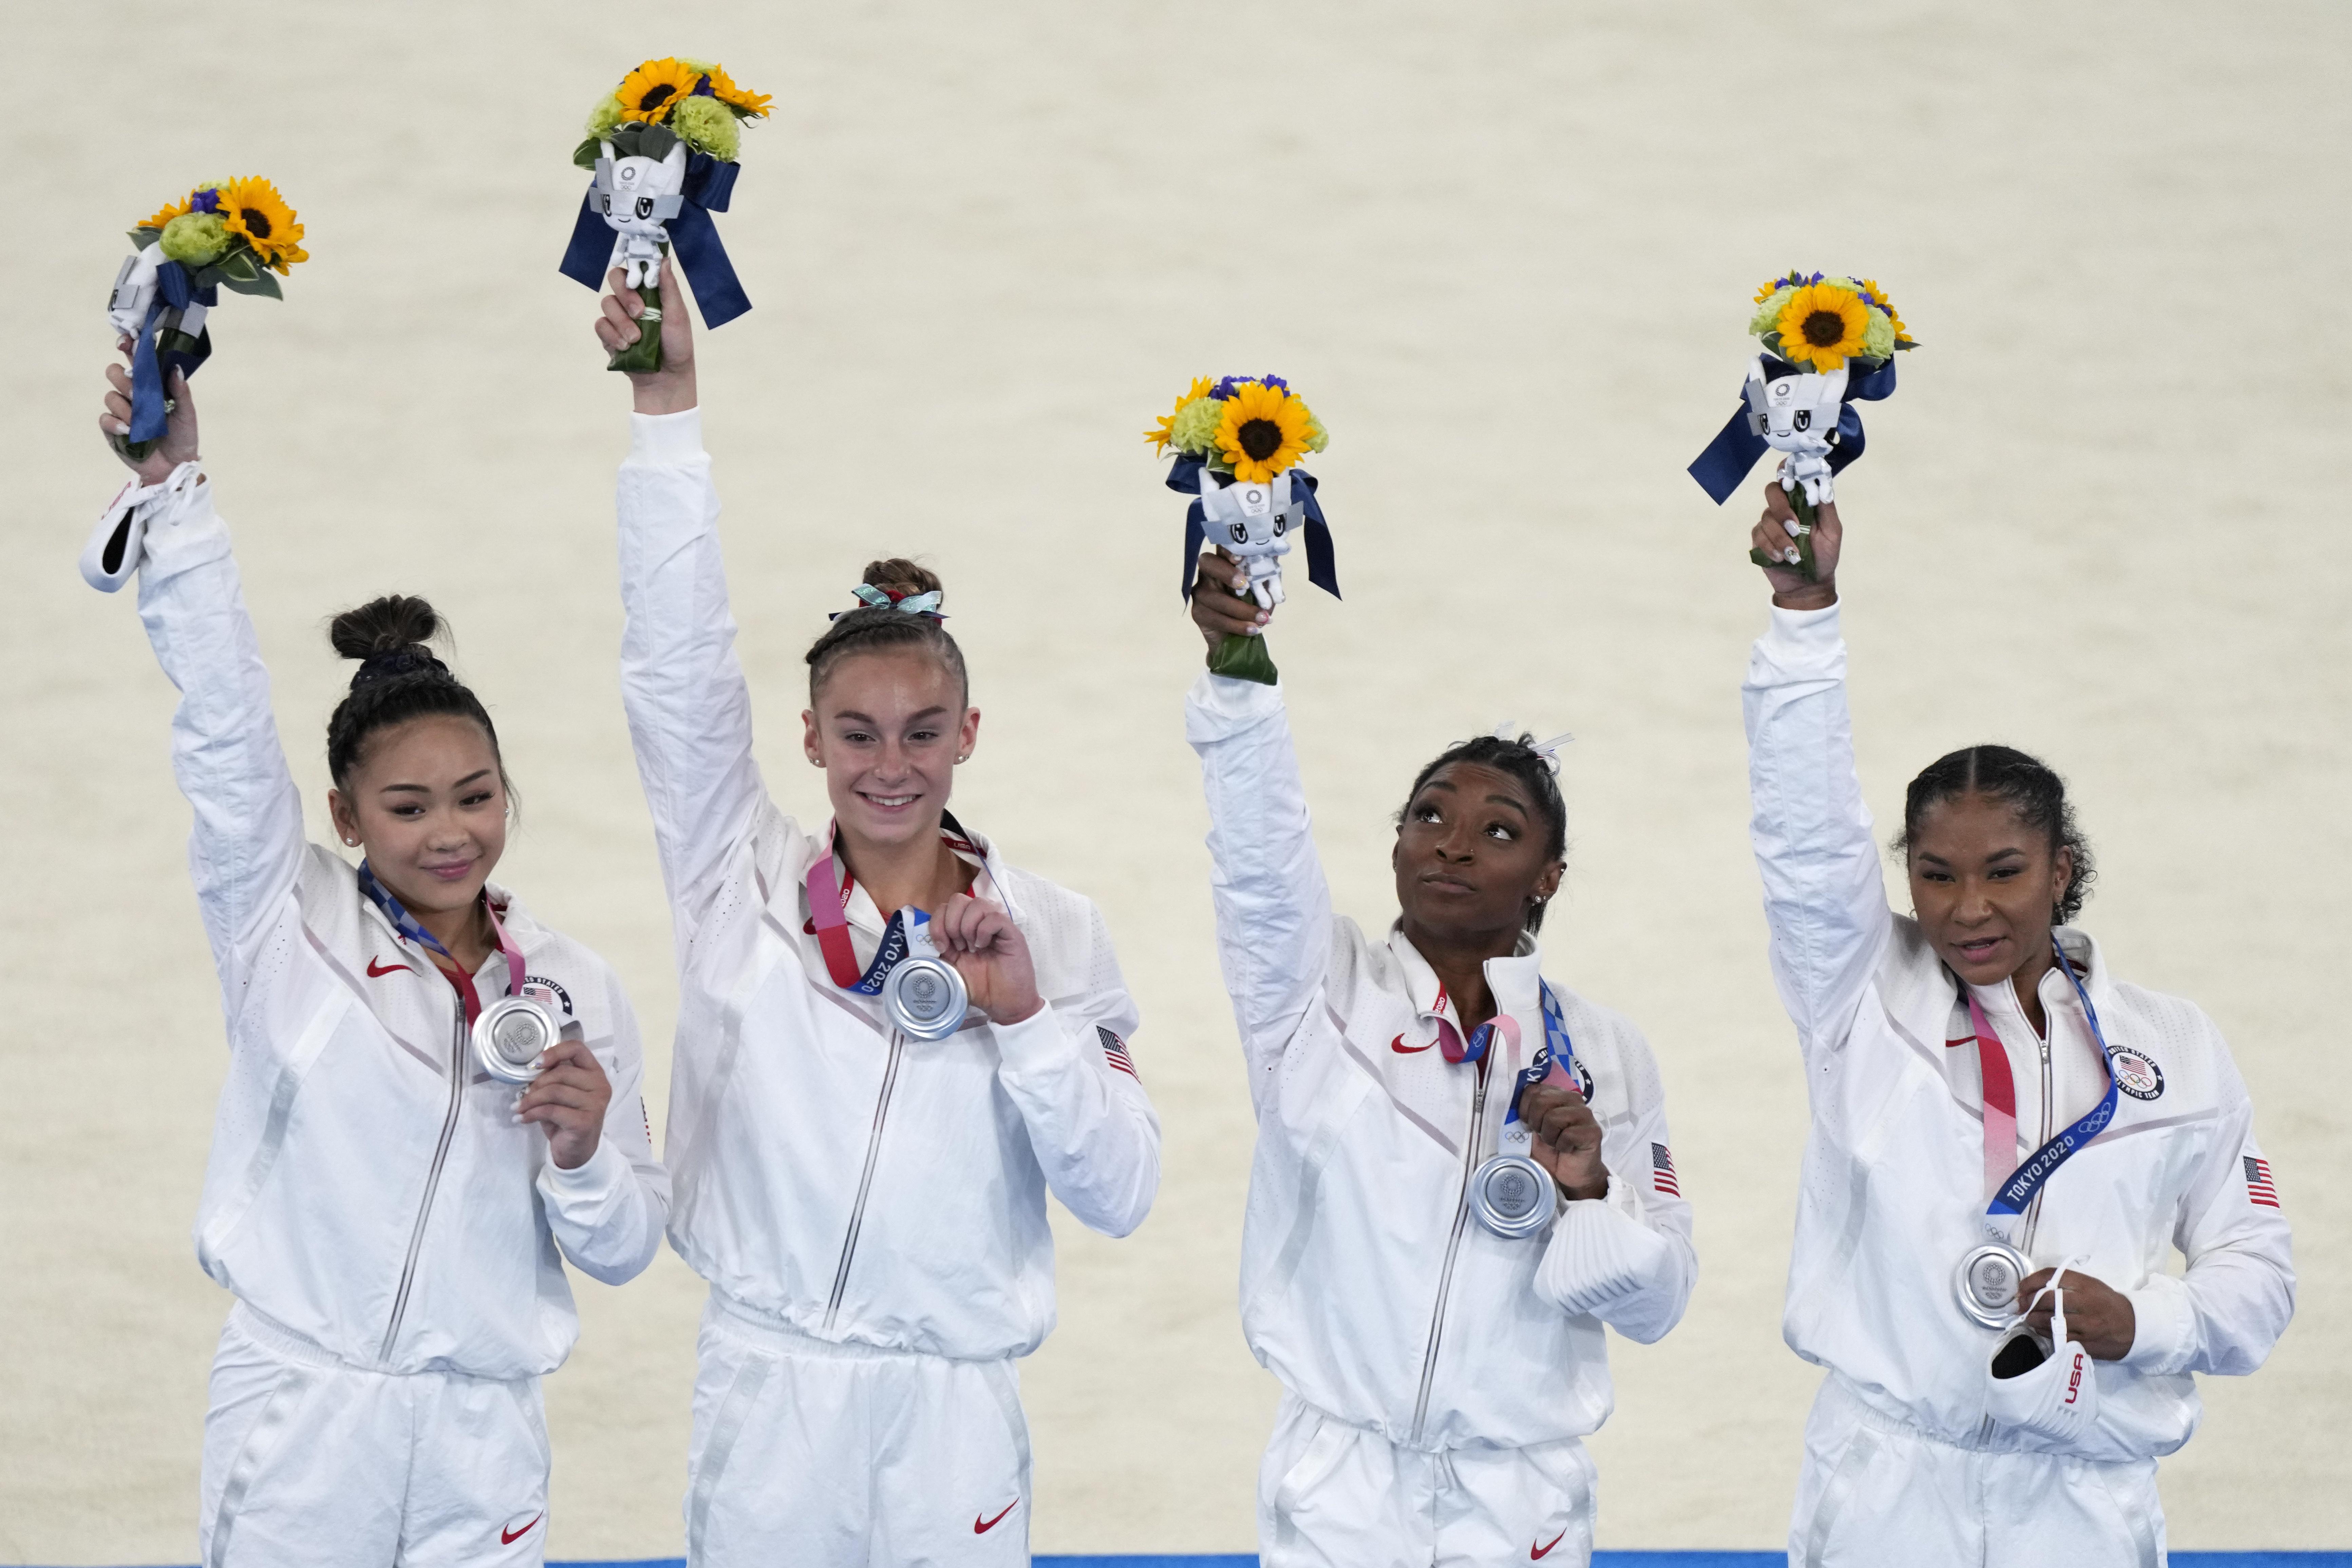 تیم ژیمناستیک ایالات متحده آمریکا مدال نقره مسابقات تیمی را دریافت می کند